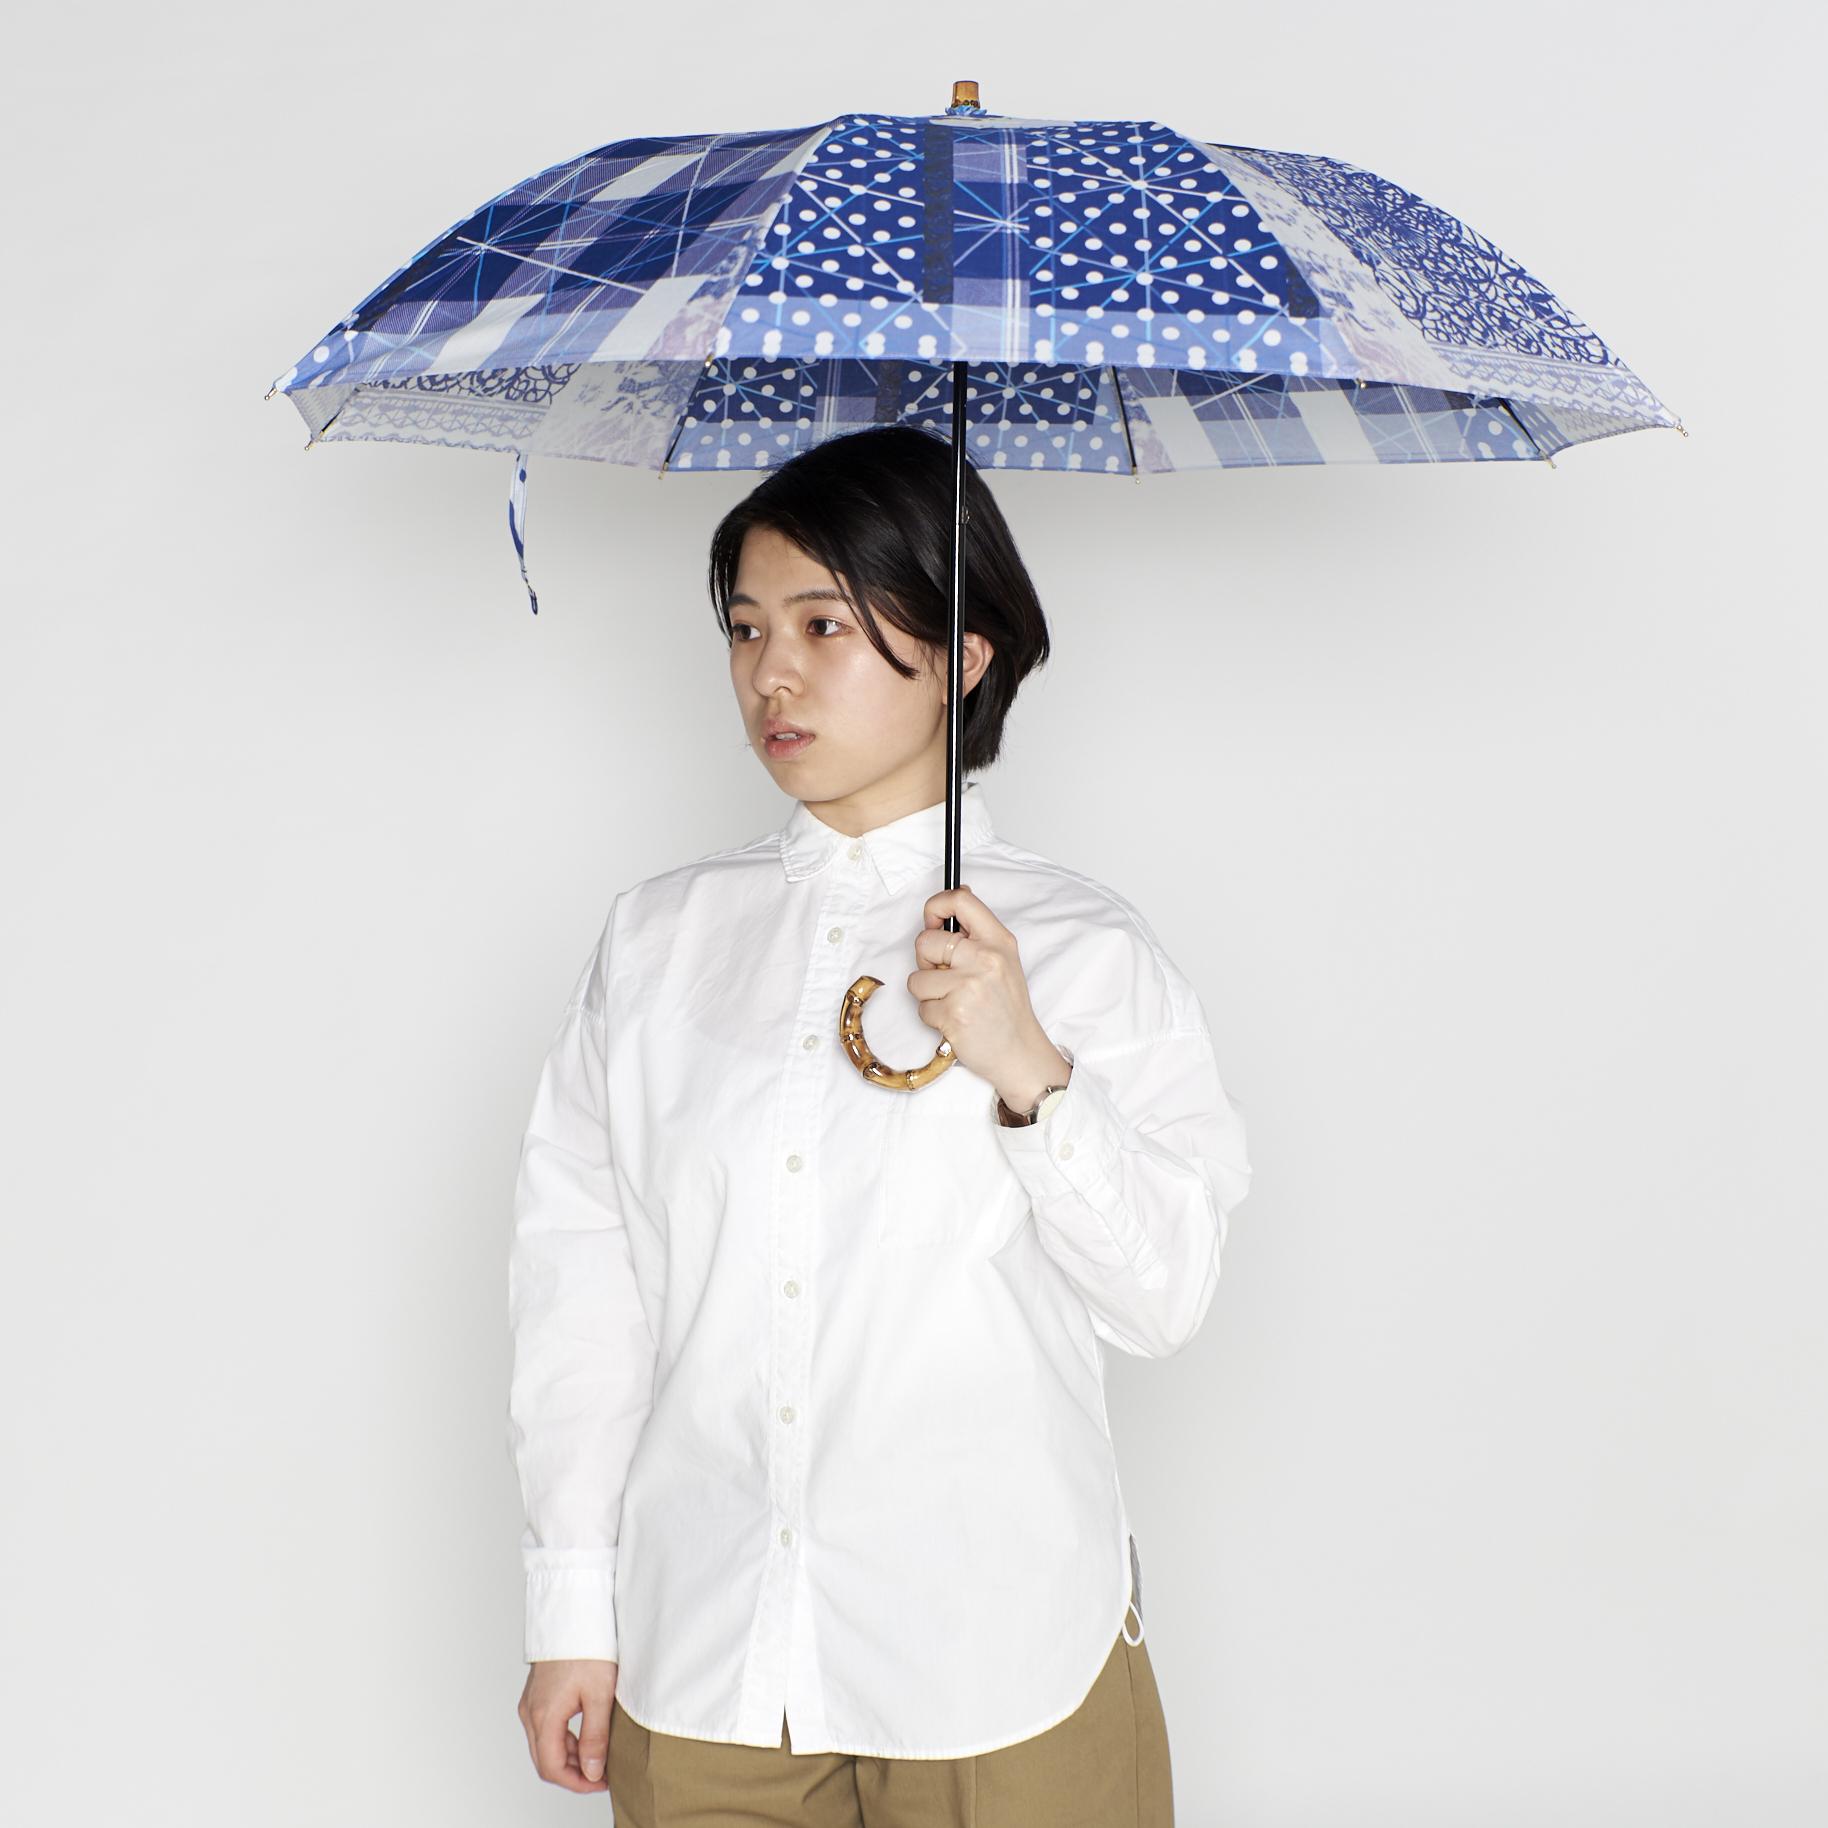 晴雨兼用の折りたたみ日傘 - KATAKATA - 1color